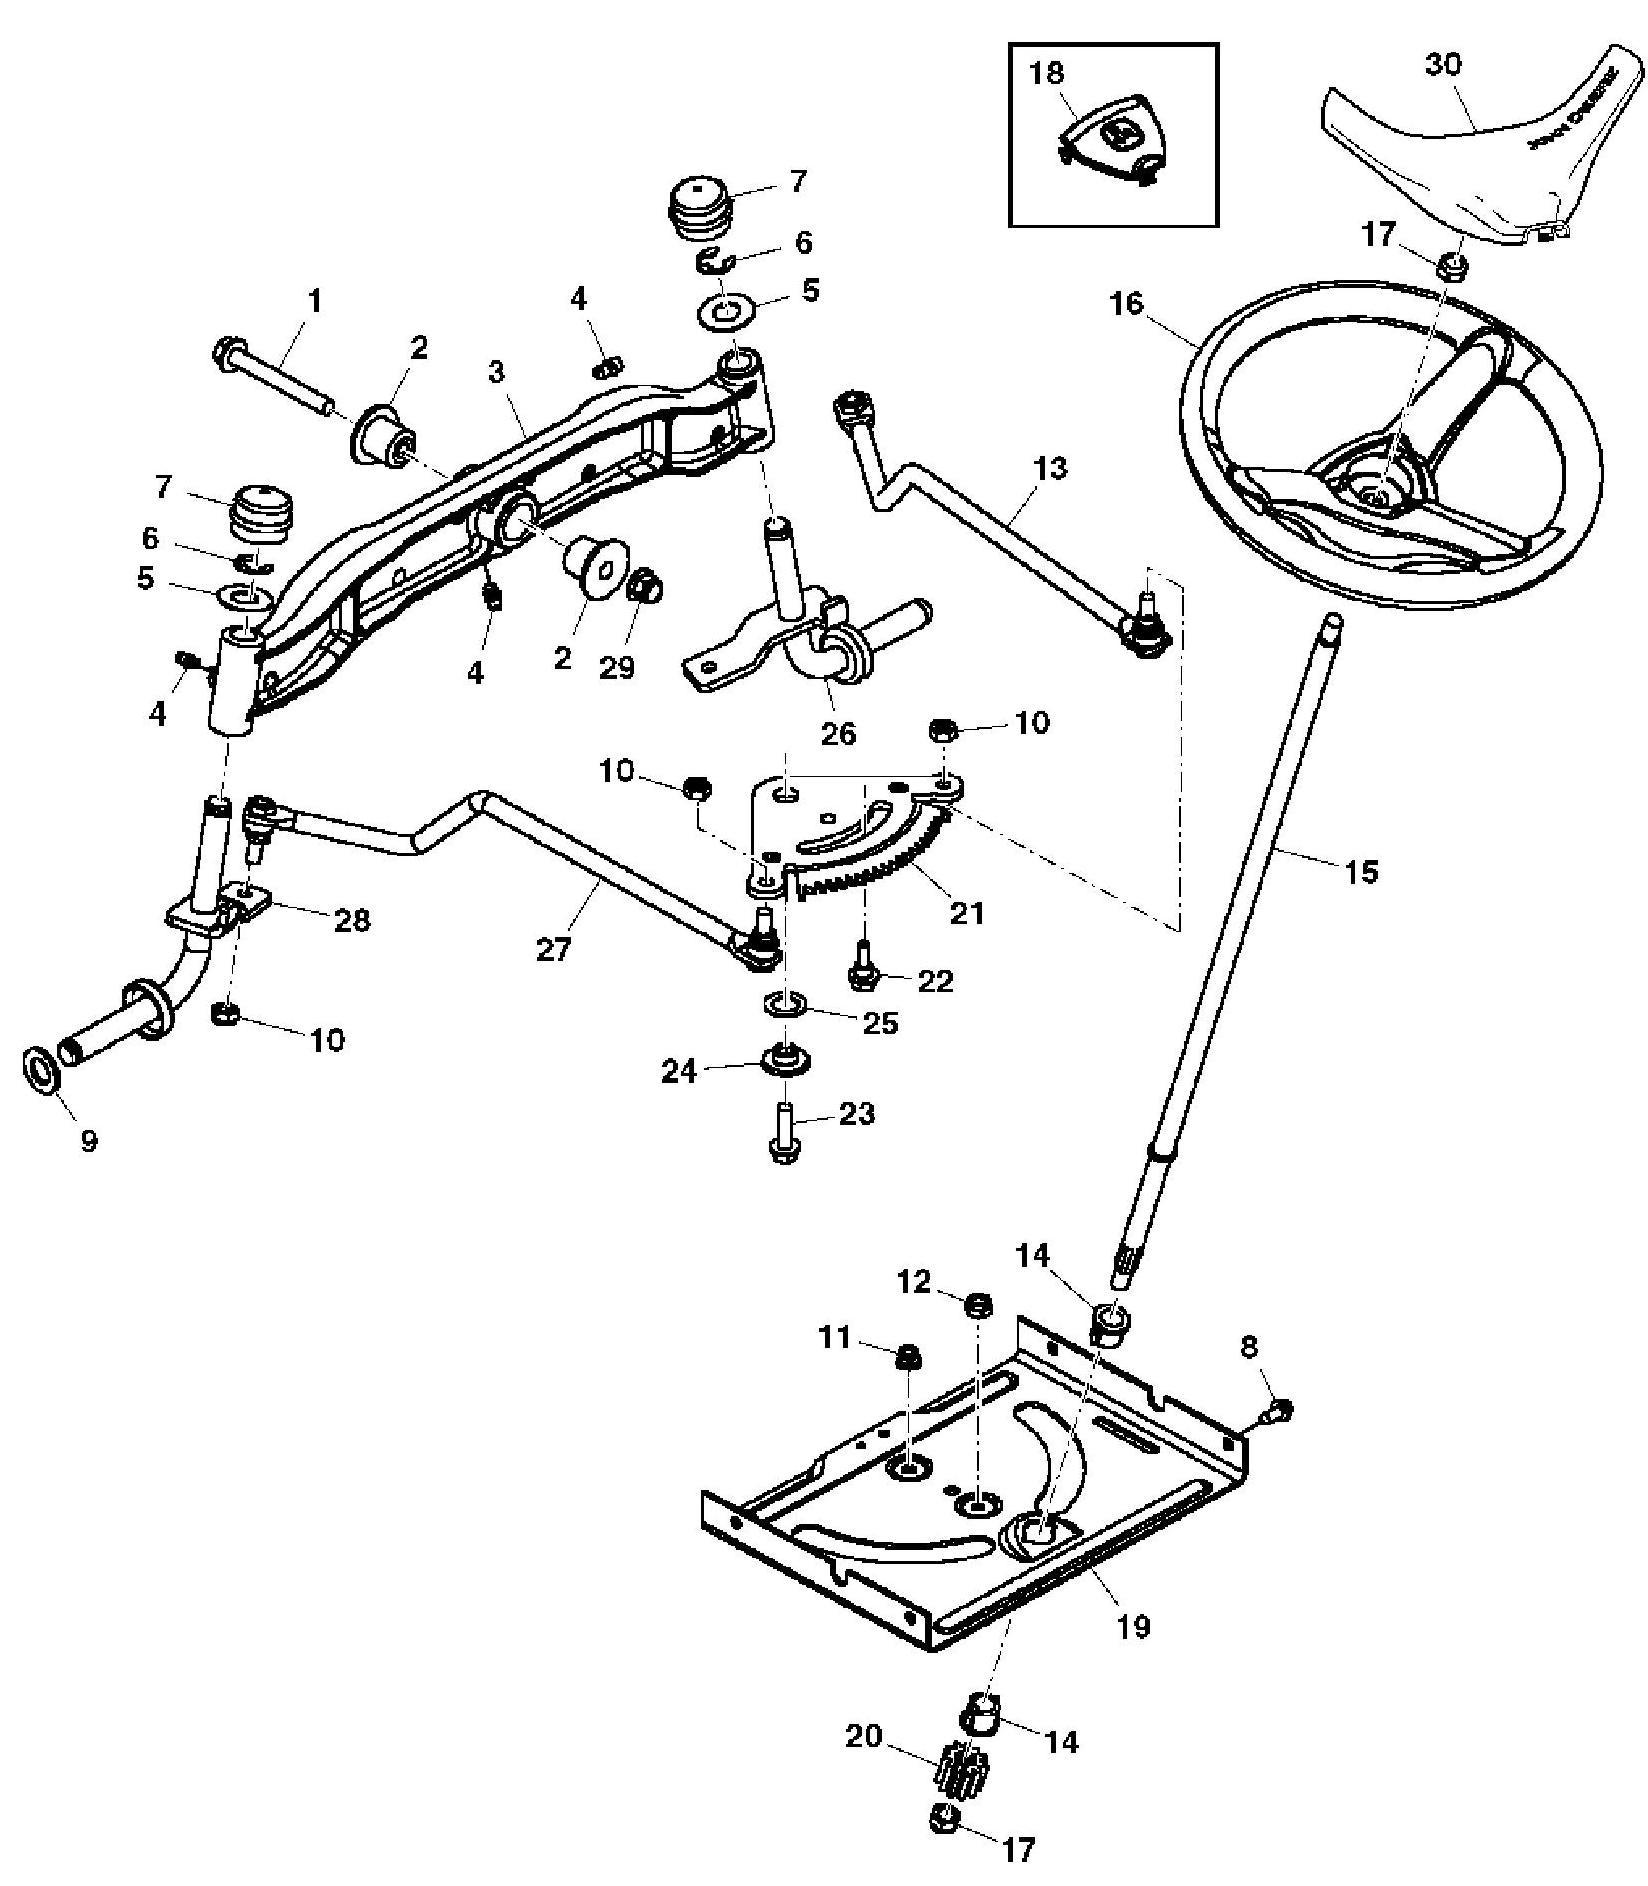 Tractor Engine Diagram John Deere L130 Engine Diagram John